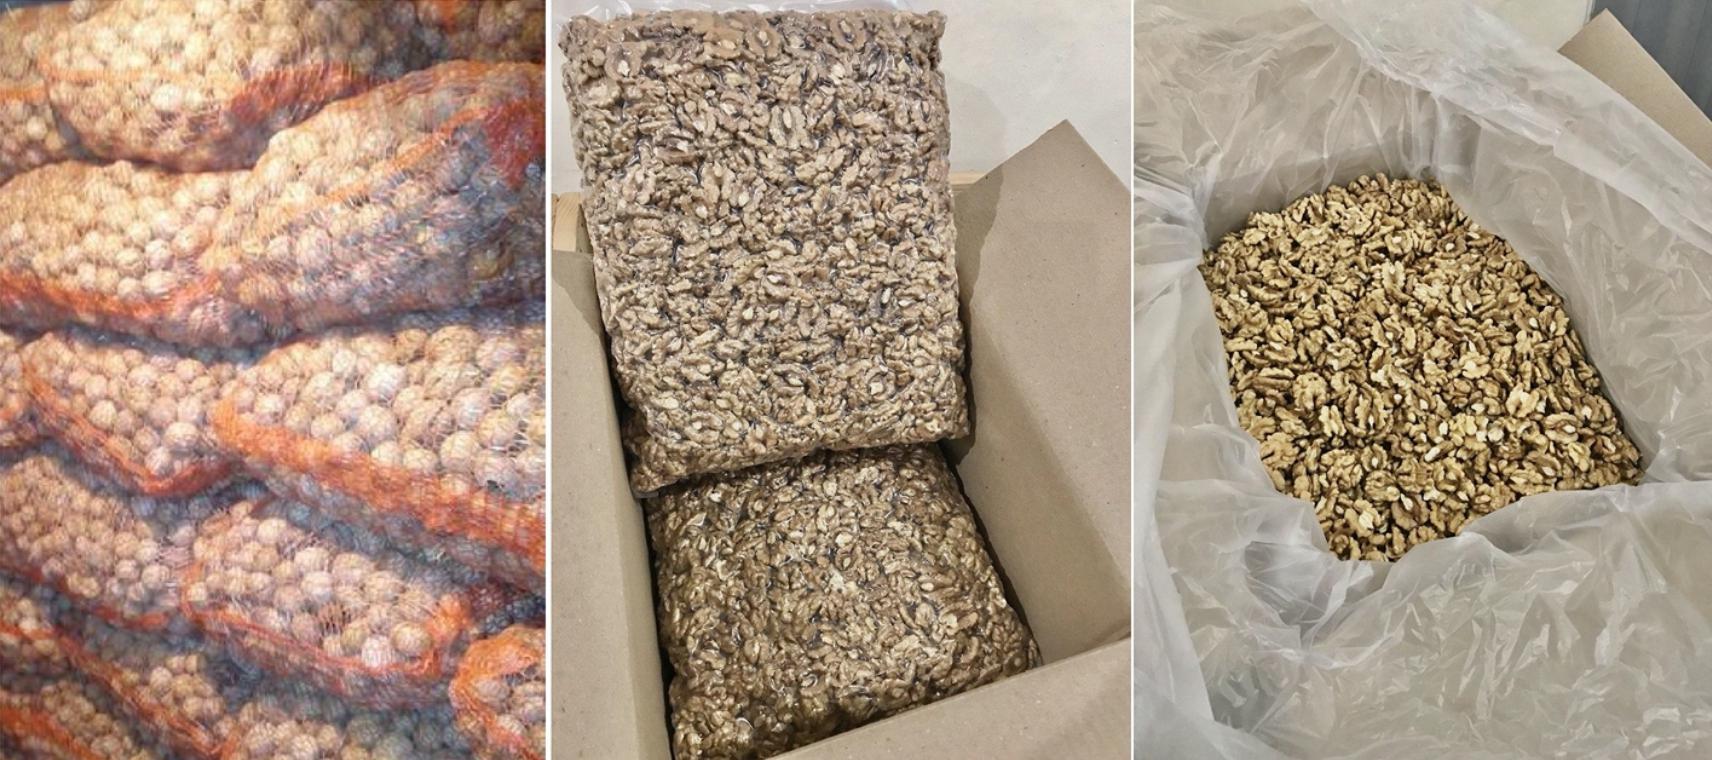 Ceviz İçi - Üretici Osman Eldarov 1 tl fiyat ile 1 kilogram ceviz içi  satmak istiyor